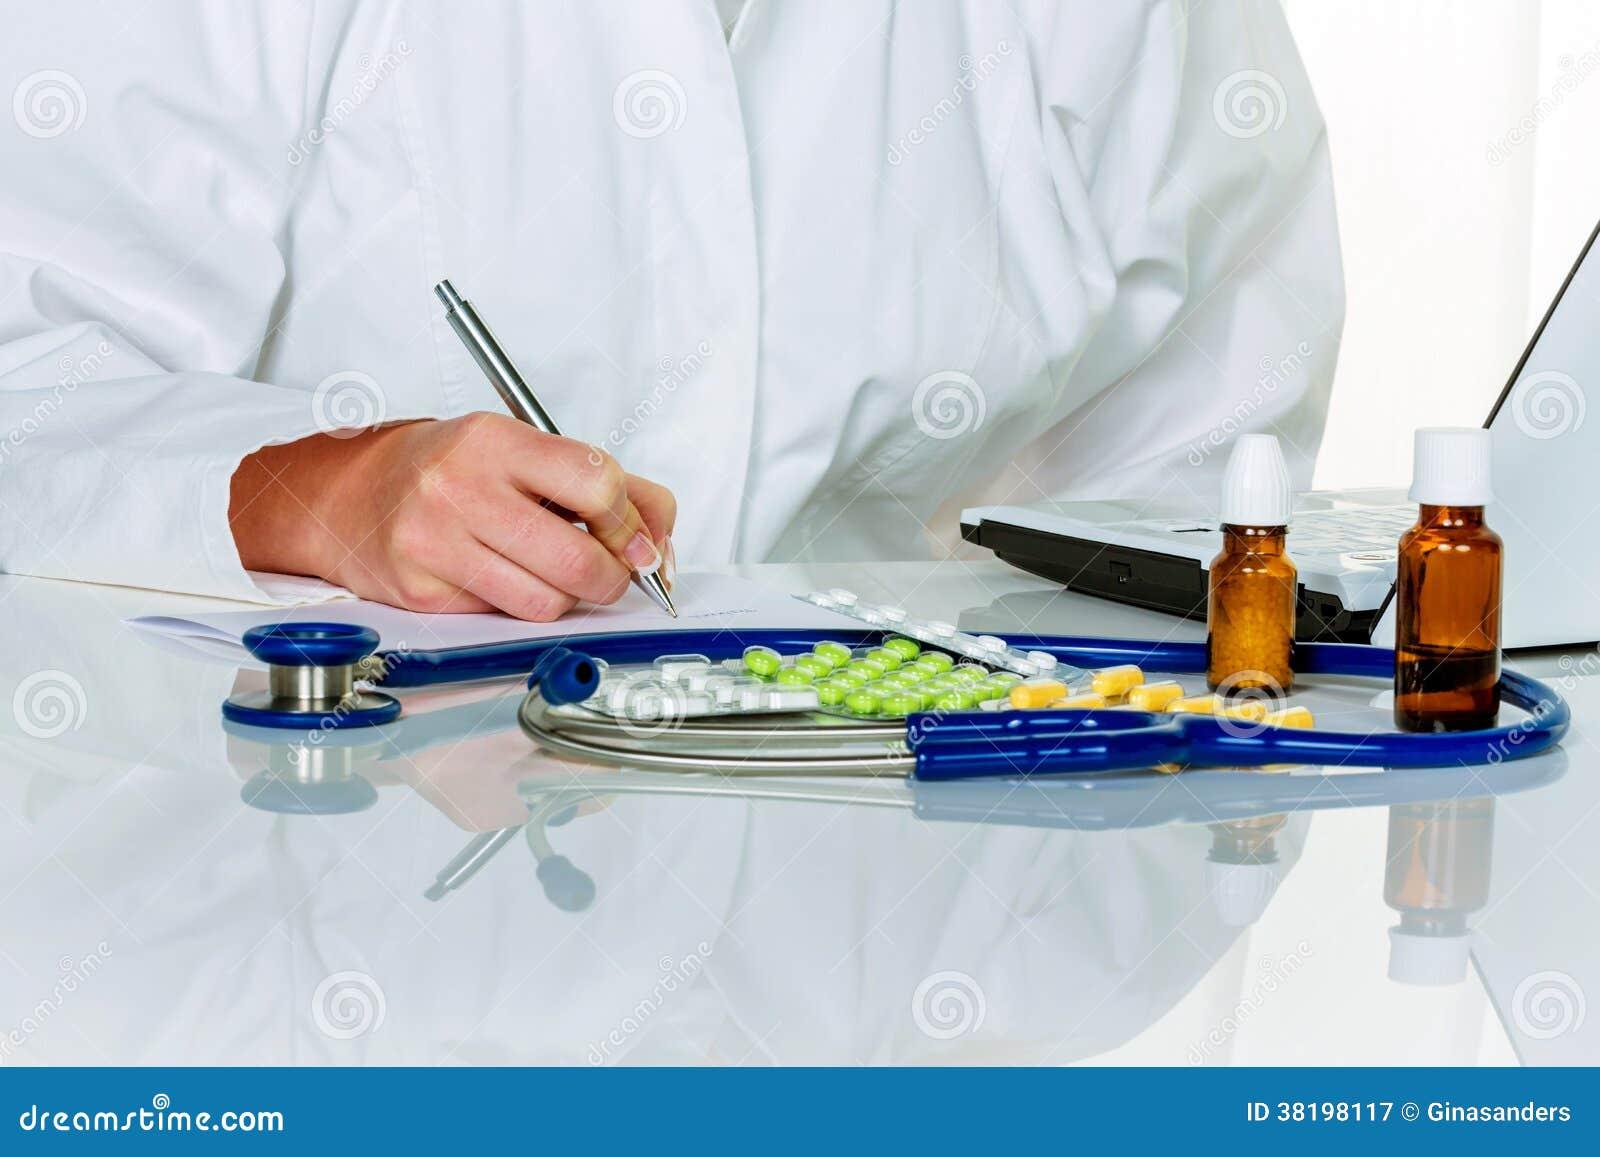 Administrarea de medicamente pentru boli inflamatorii intestinale